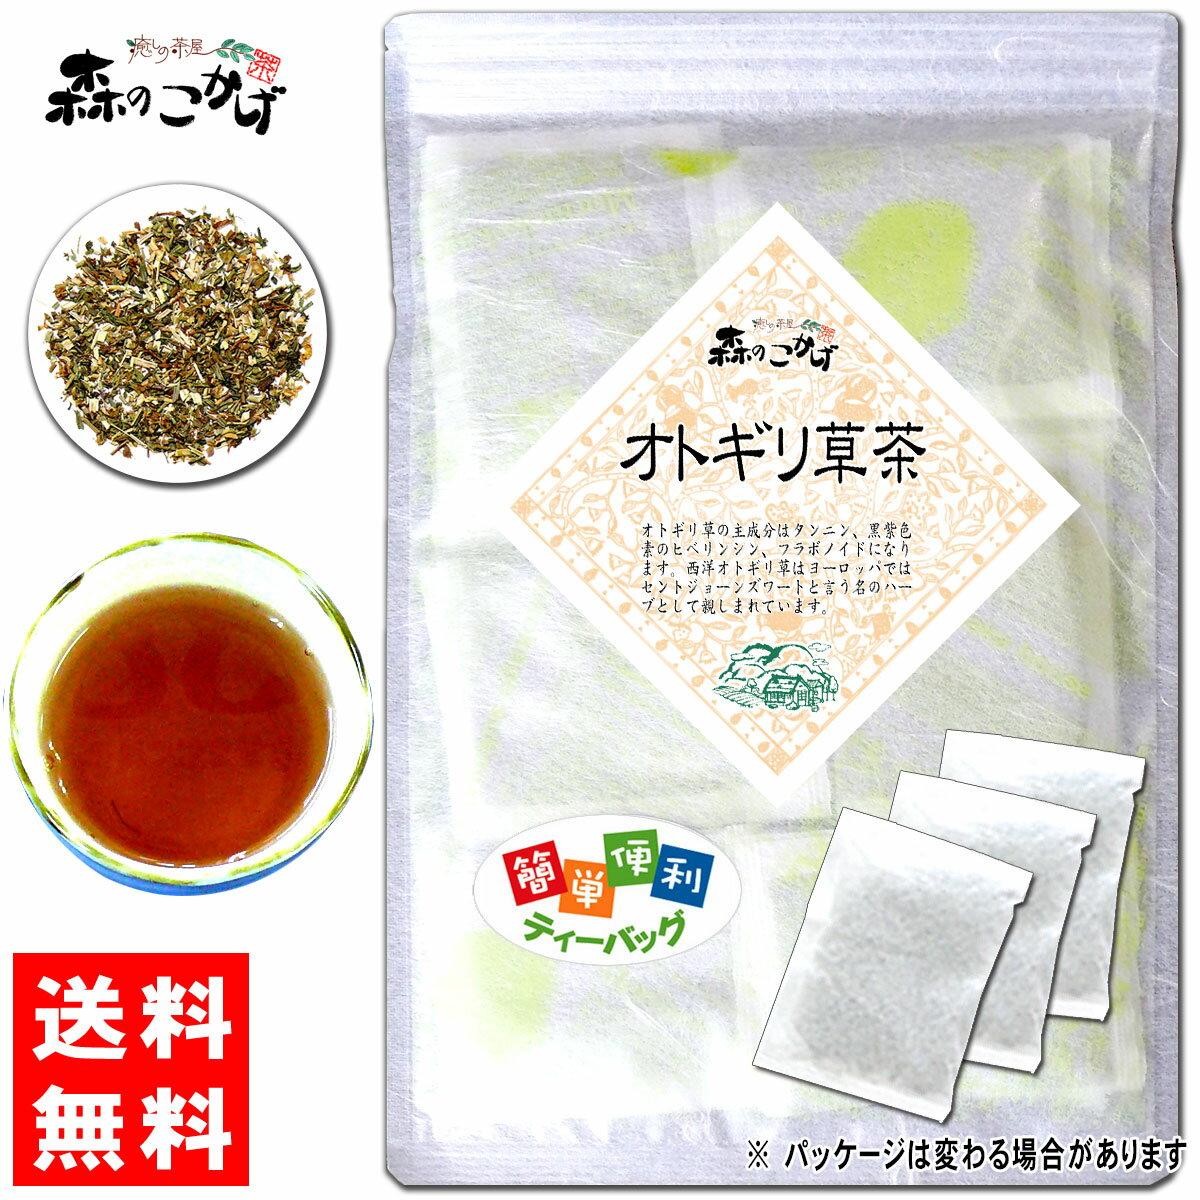 【送料無料】 オトギリ草茶 (3g×35p 内容量変更)「ティーバッグ」≪セントジョーンズワート100%≫ おとぎりそう茶 森のこかげ 健やかハウス